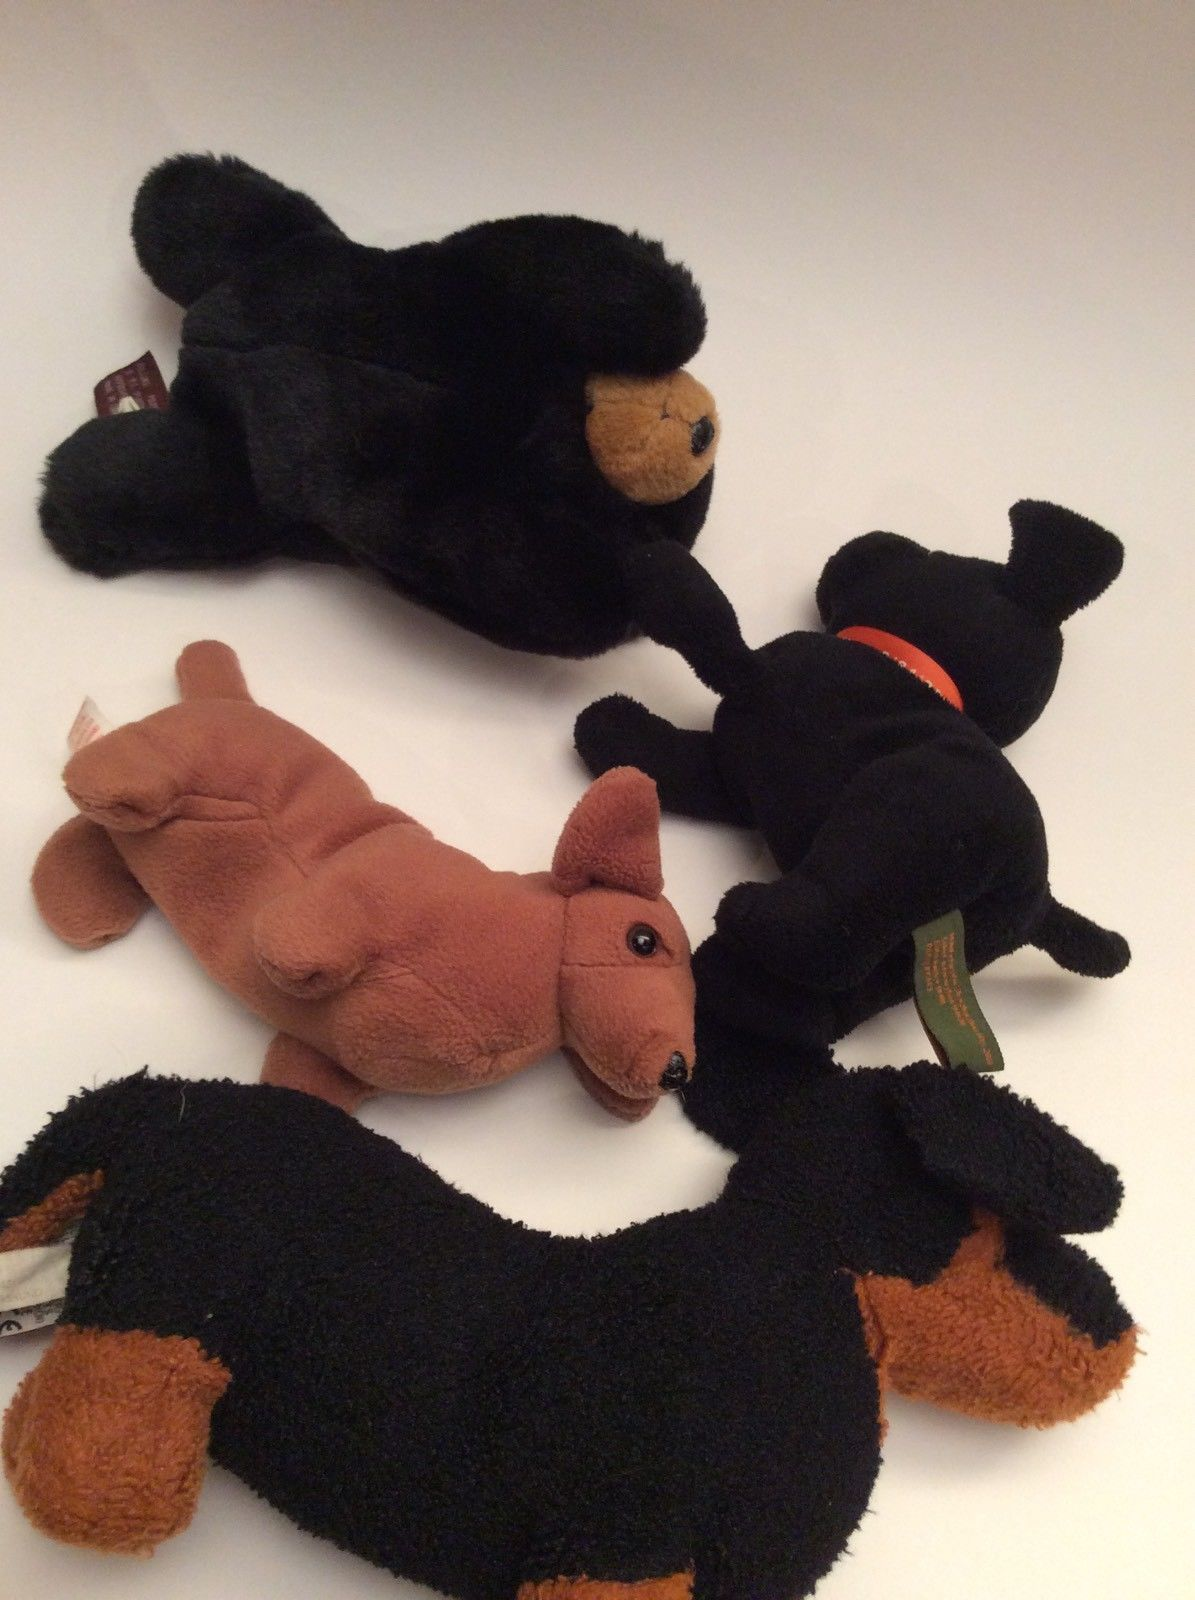 49af1bd8326 ... Lot Of 4 Ty Beanie Plush Stuffed Animal Dogs Bear Ganz Bearington Eddie  Bauer ...